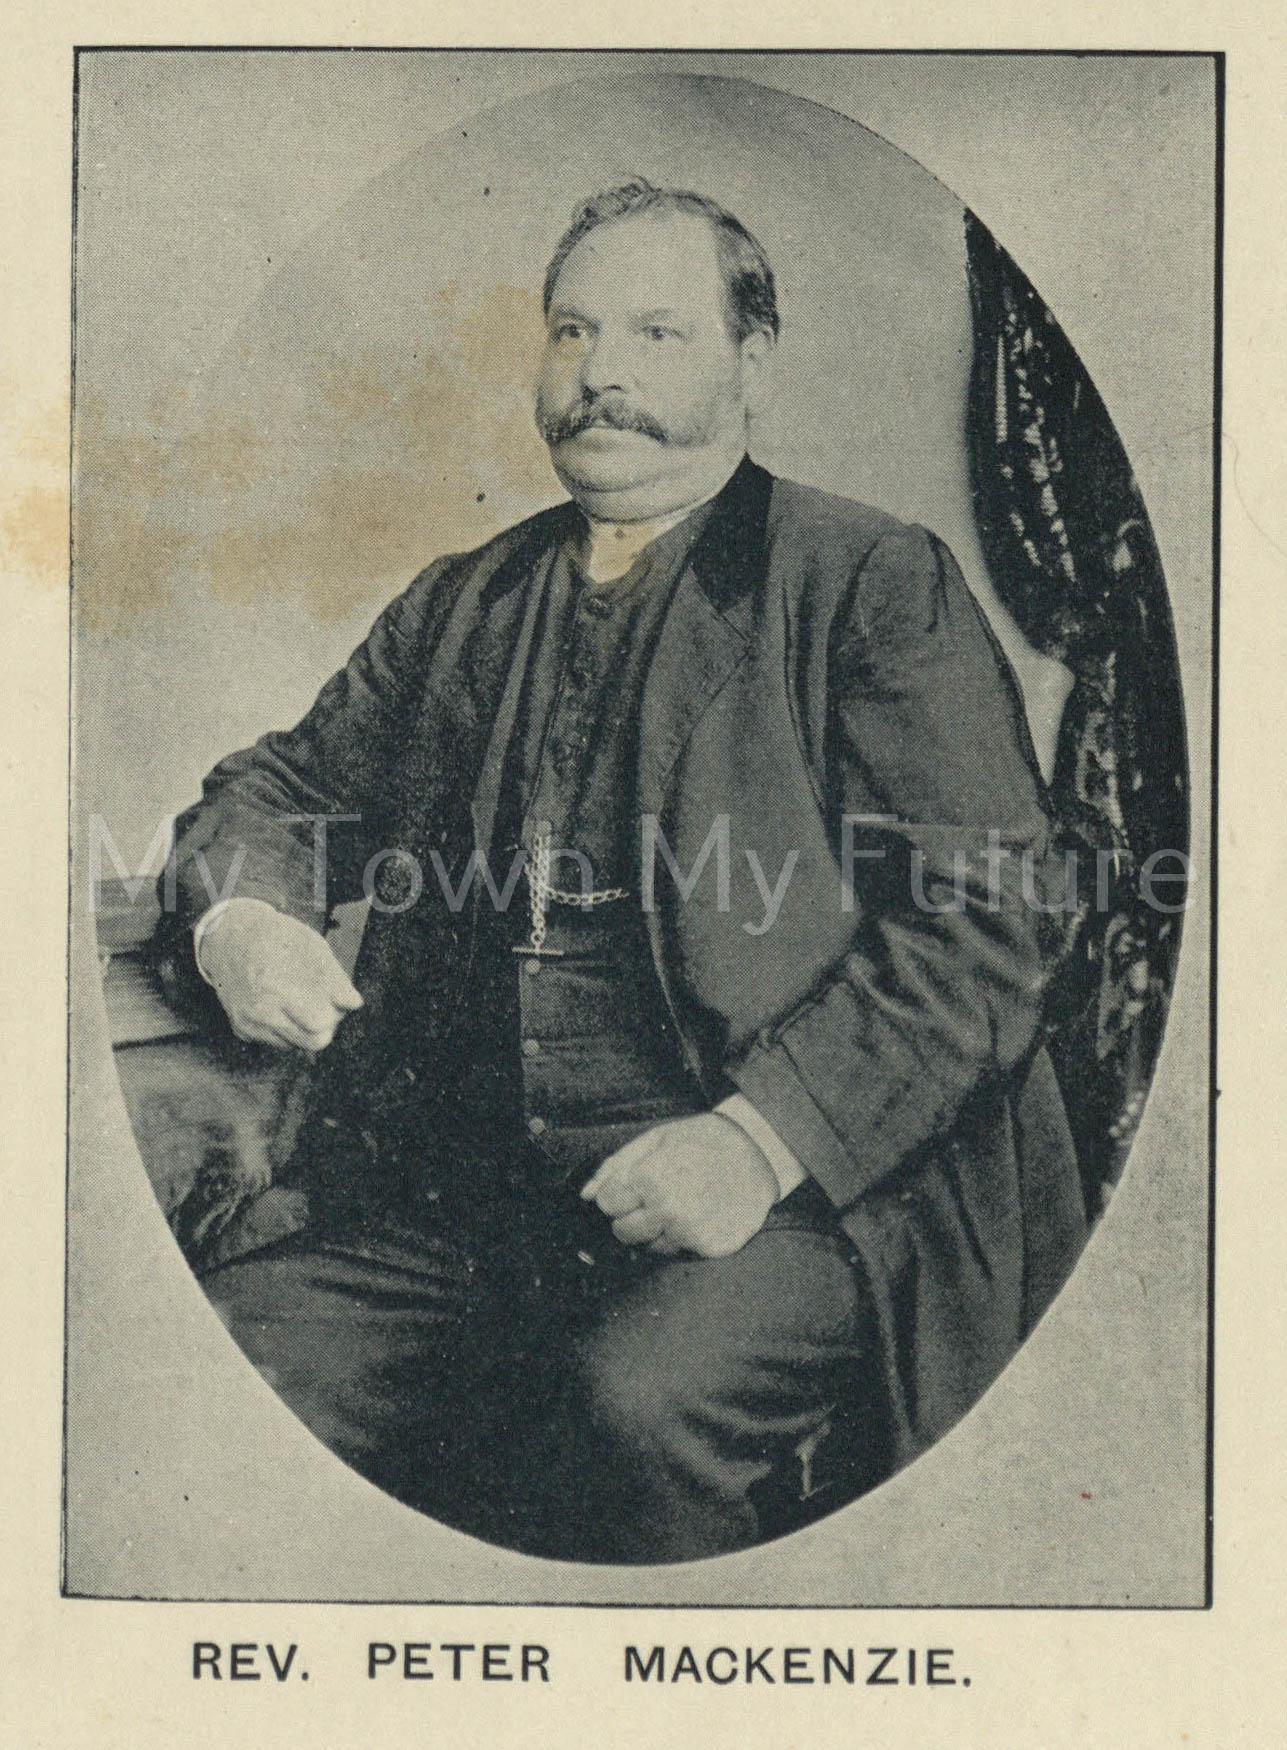 Rev Peter Mackenzie_4 Jan 1896_Northern Weekly Gazette